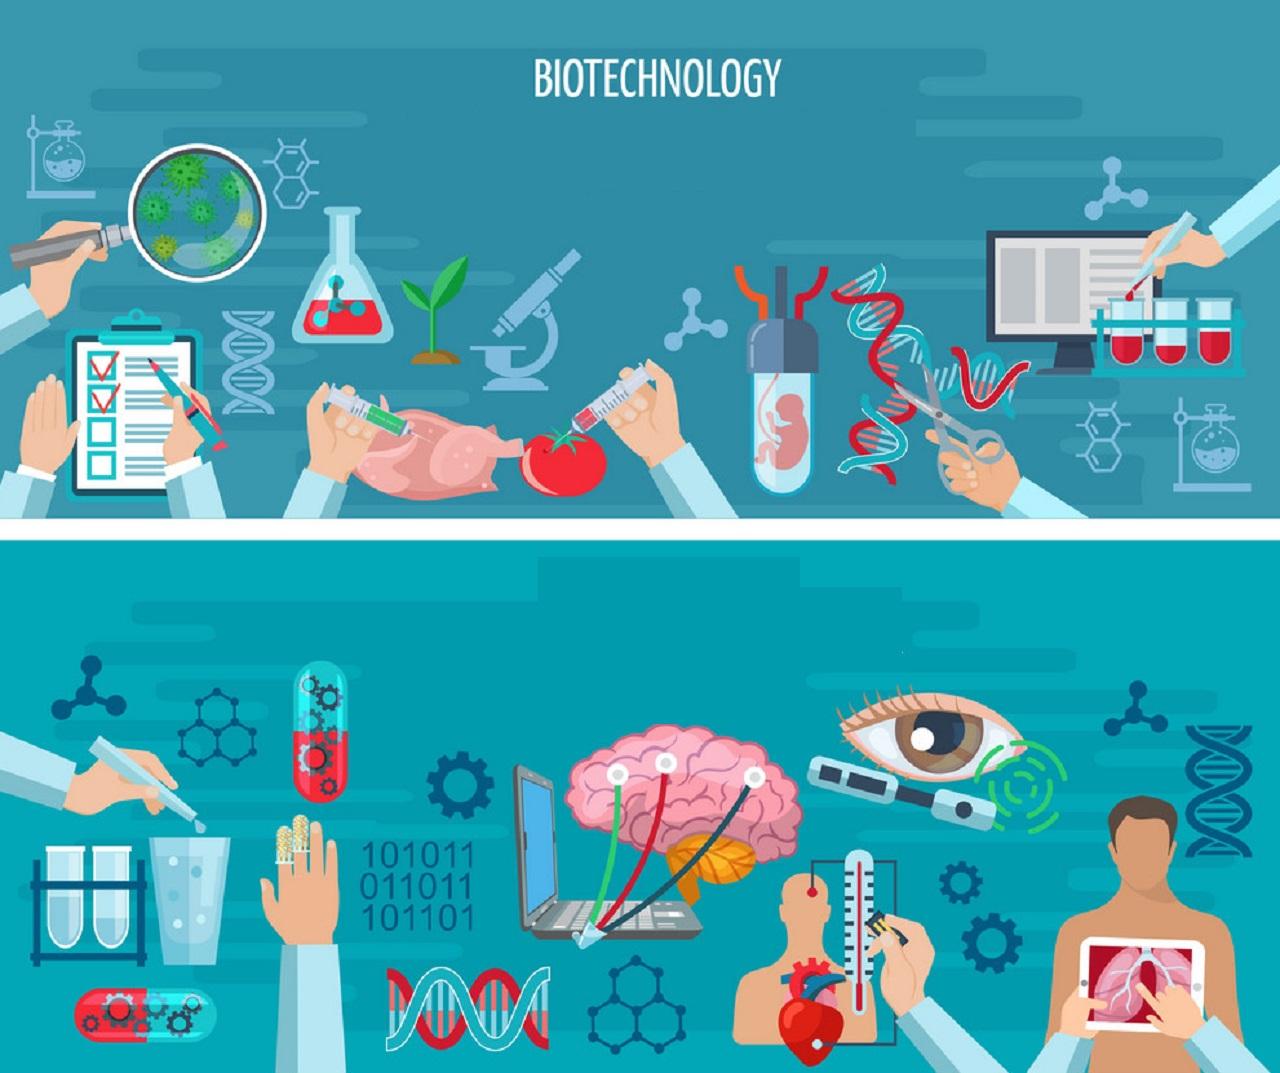 زیست فناوری چیست؟ — به زبان ساده